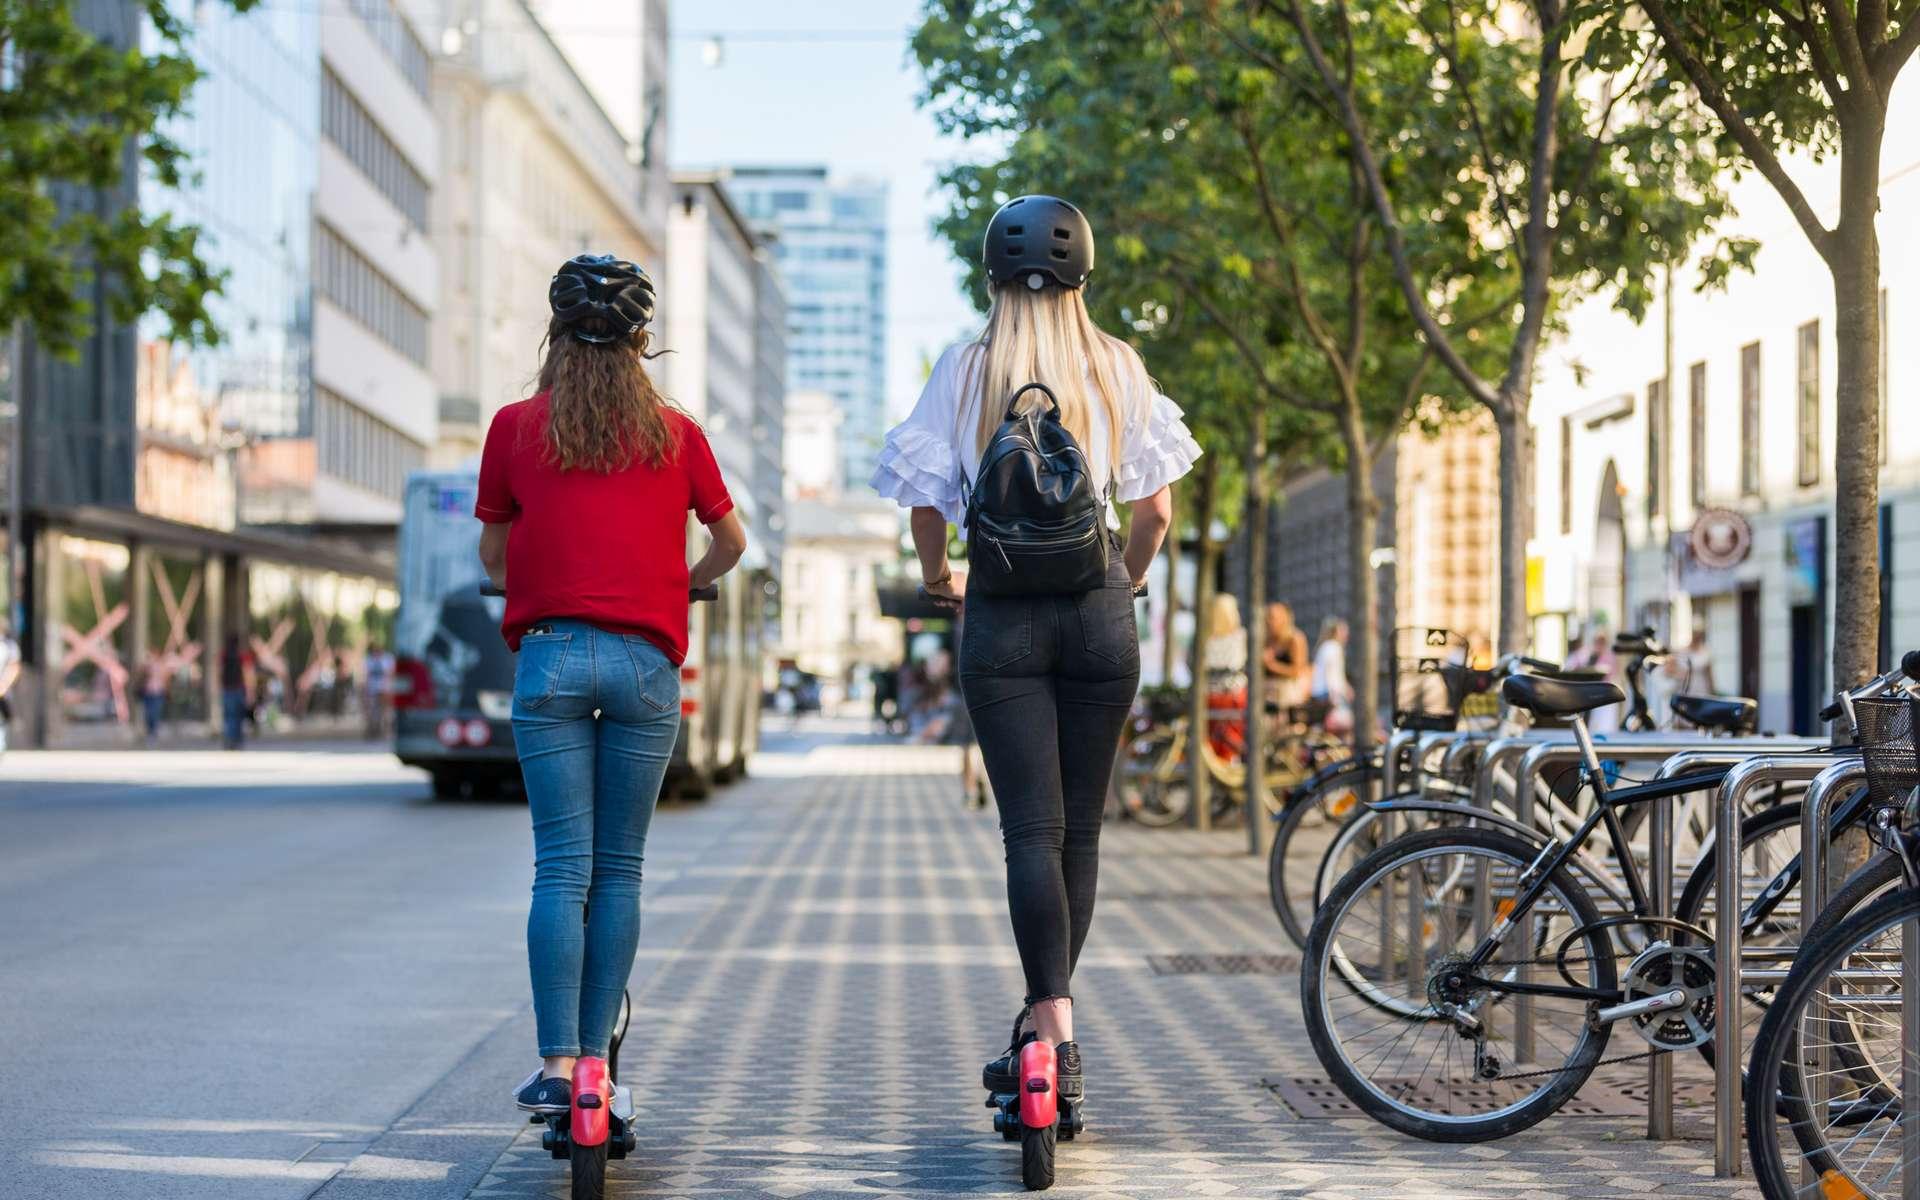 Environnement, transport, économies d'énergie, mode de vie durable… Ces start-up sélectionnées par EDF Pulse préfigurent le monde de demain. © fotogestoeber, Adobe Stock